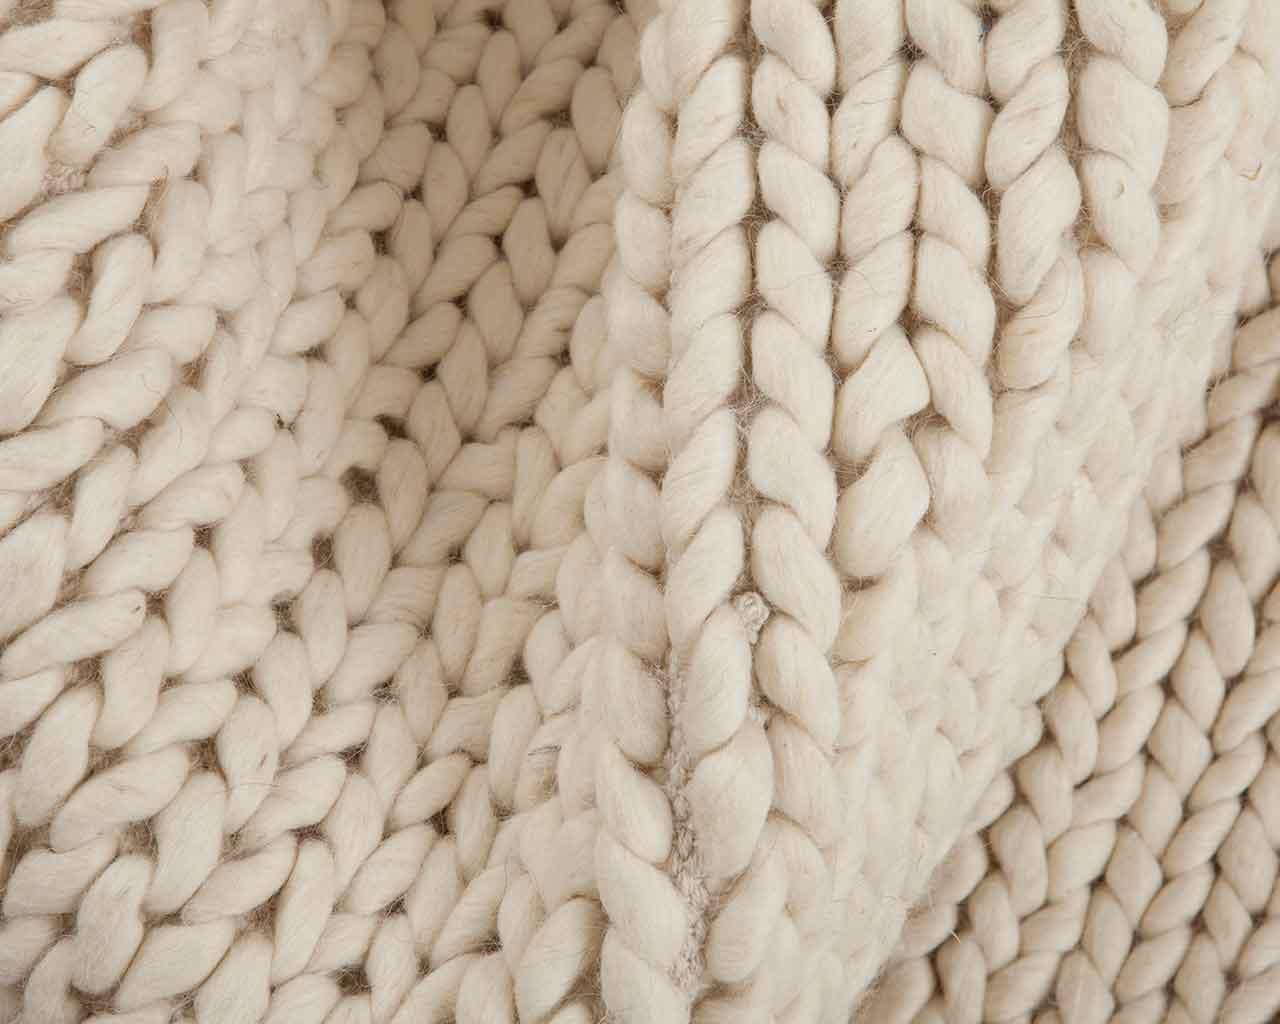 xxl-Maschen. Geflochtene Teppiche aus Wolle.